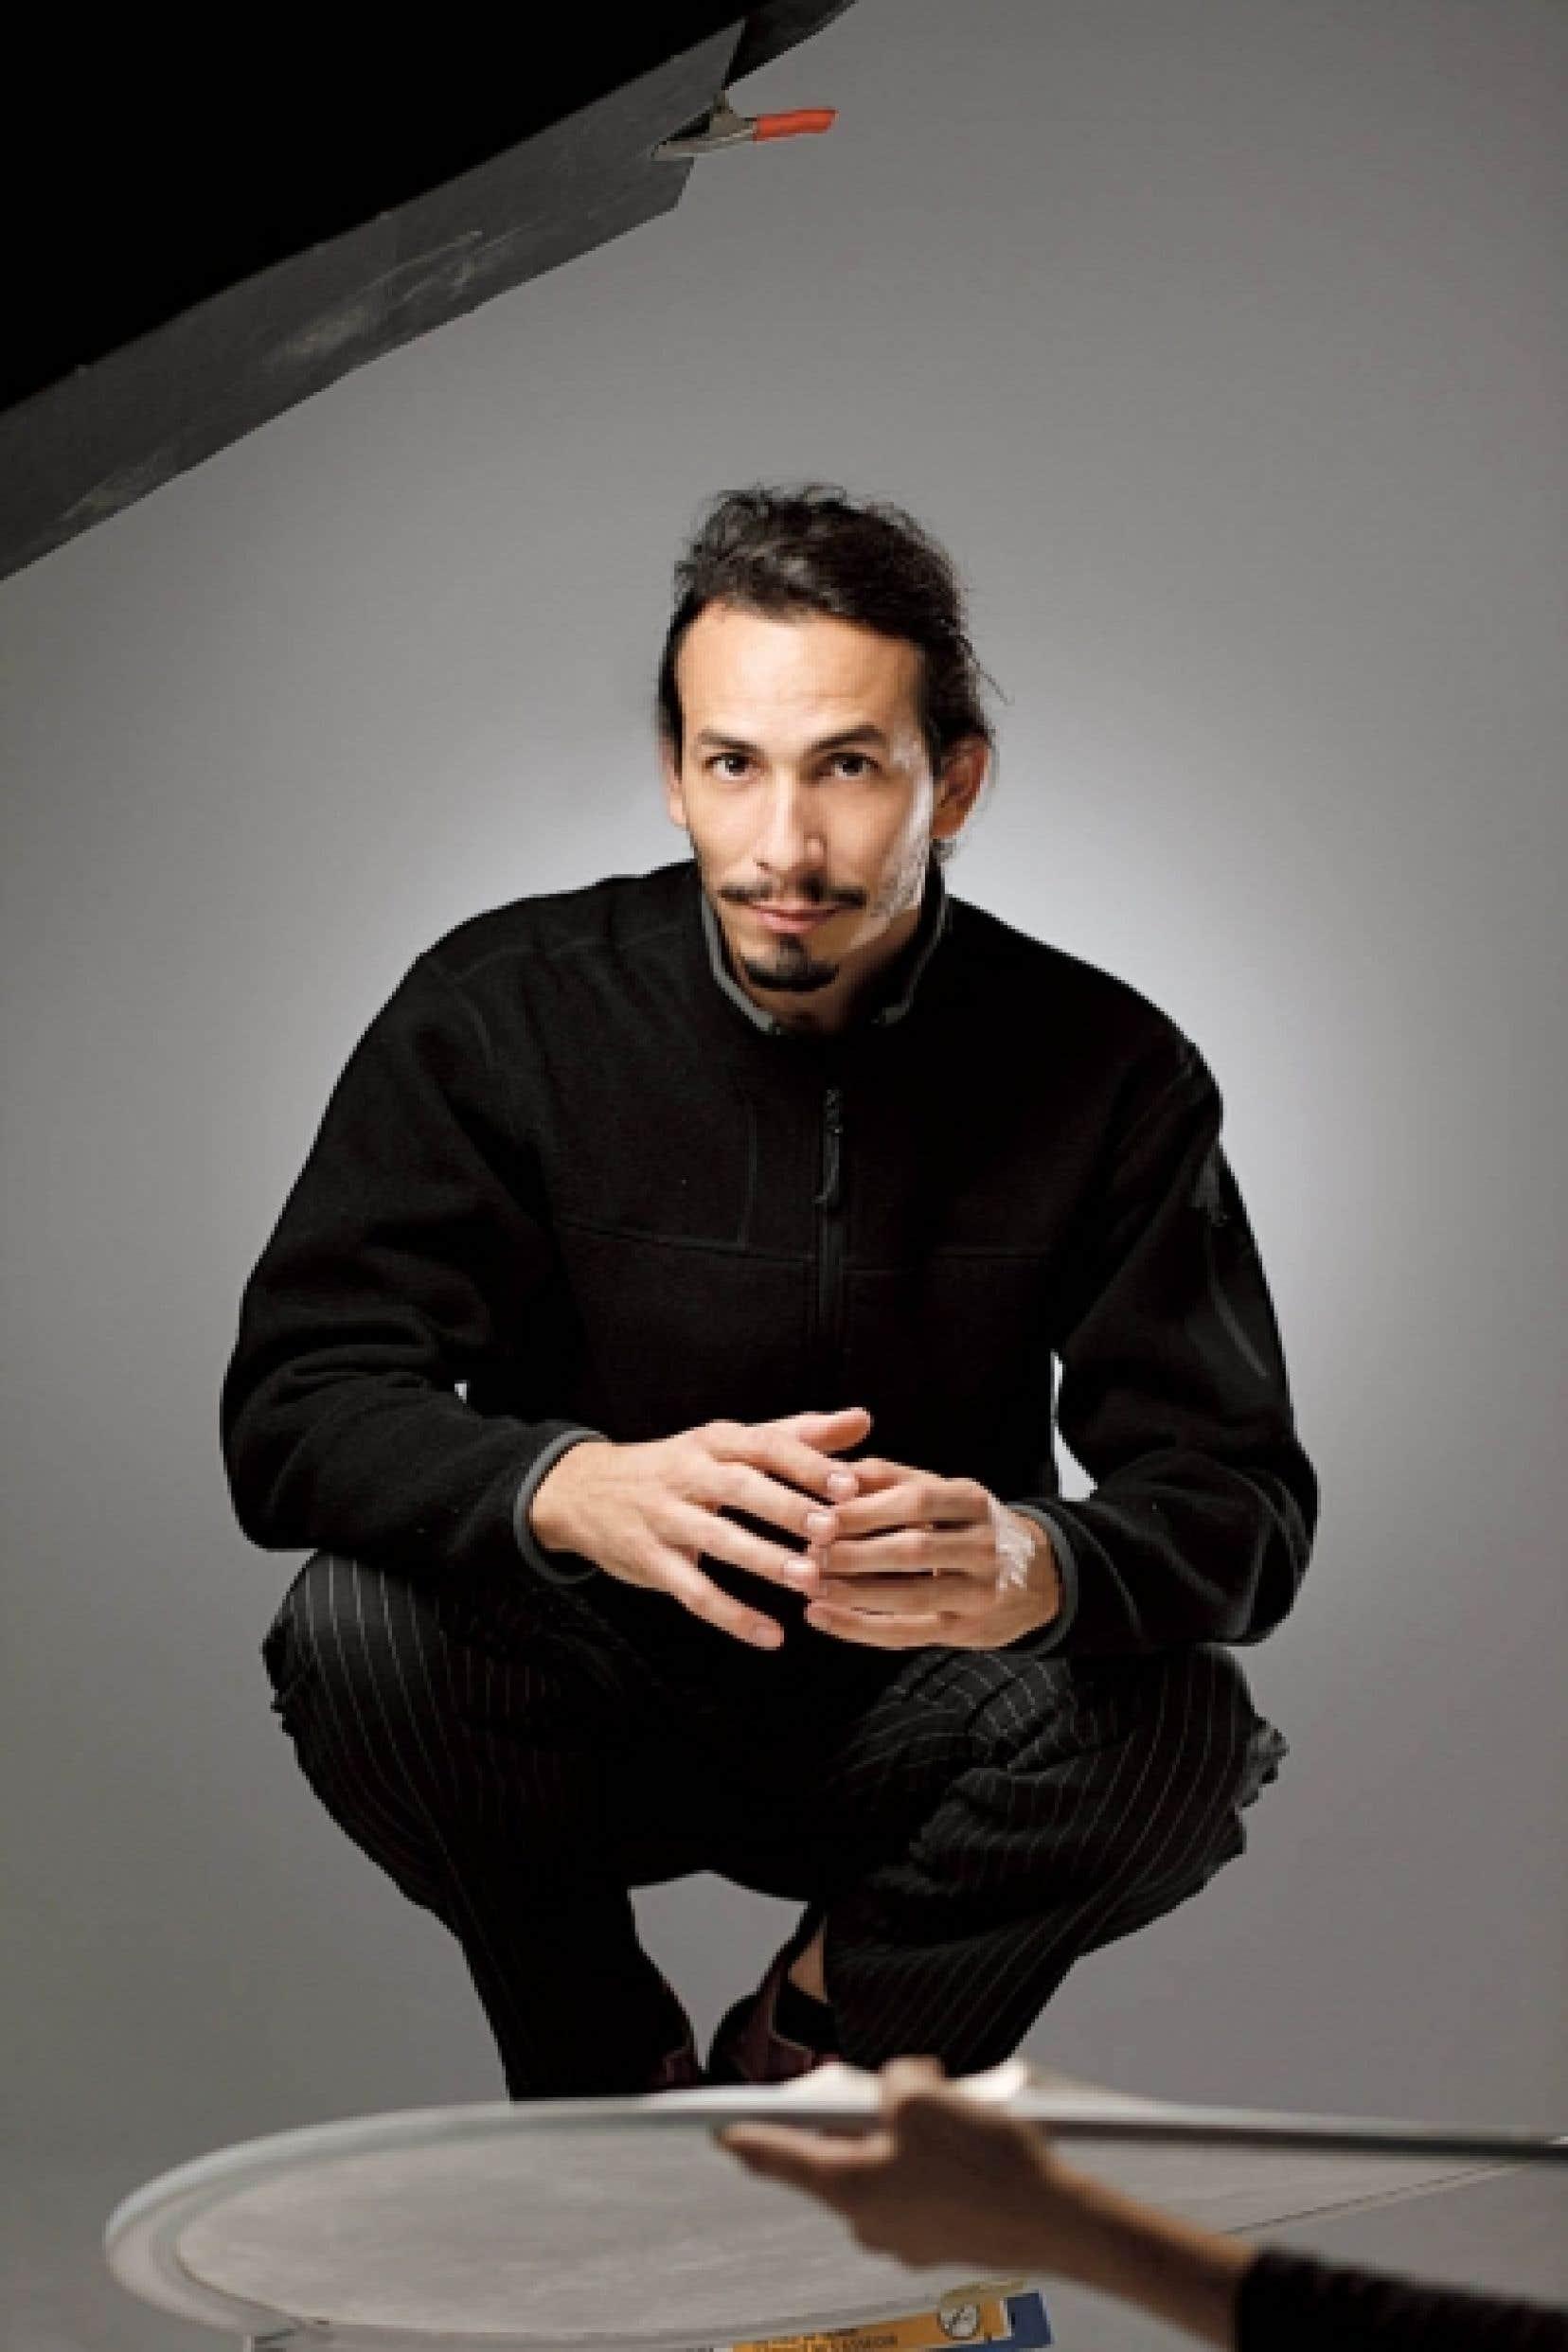 Pedro Ruiz met l'accent sur Dany Laferrière l'écrivain, plutôt que sur le personnage